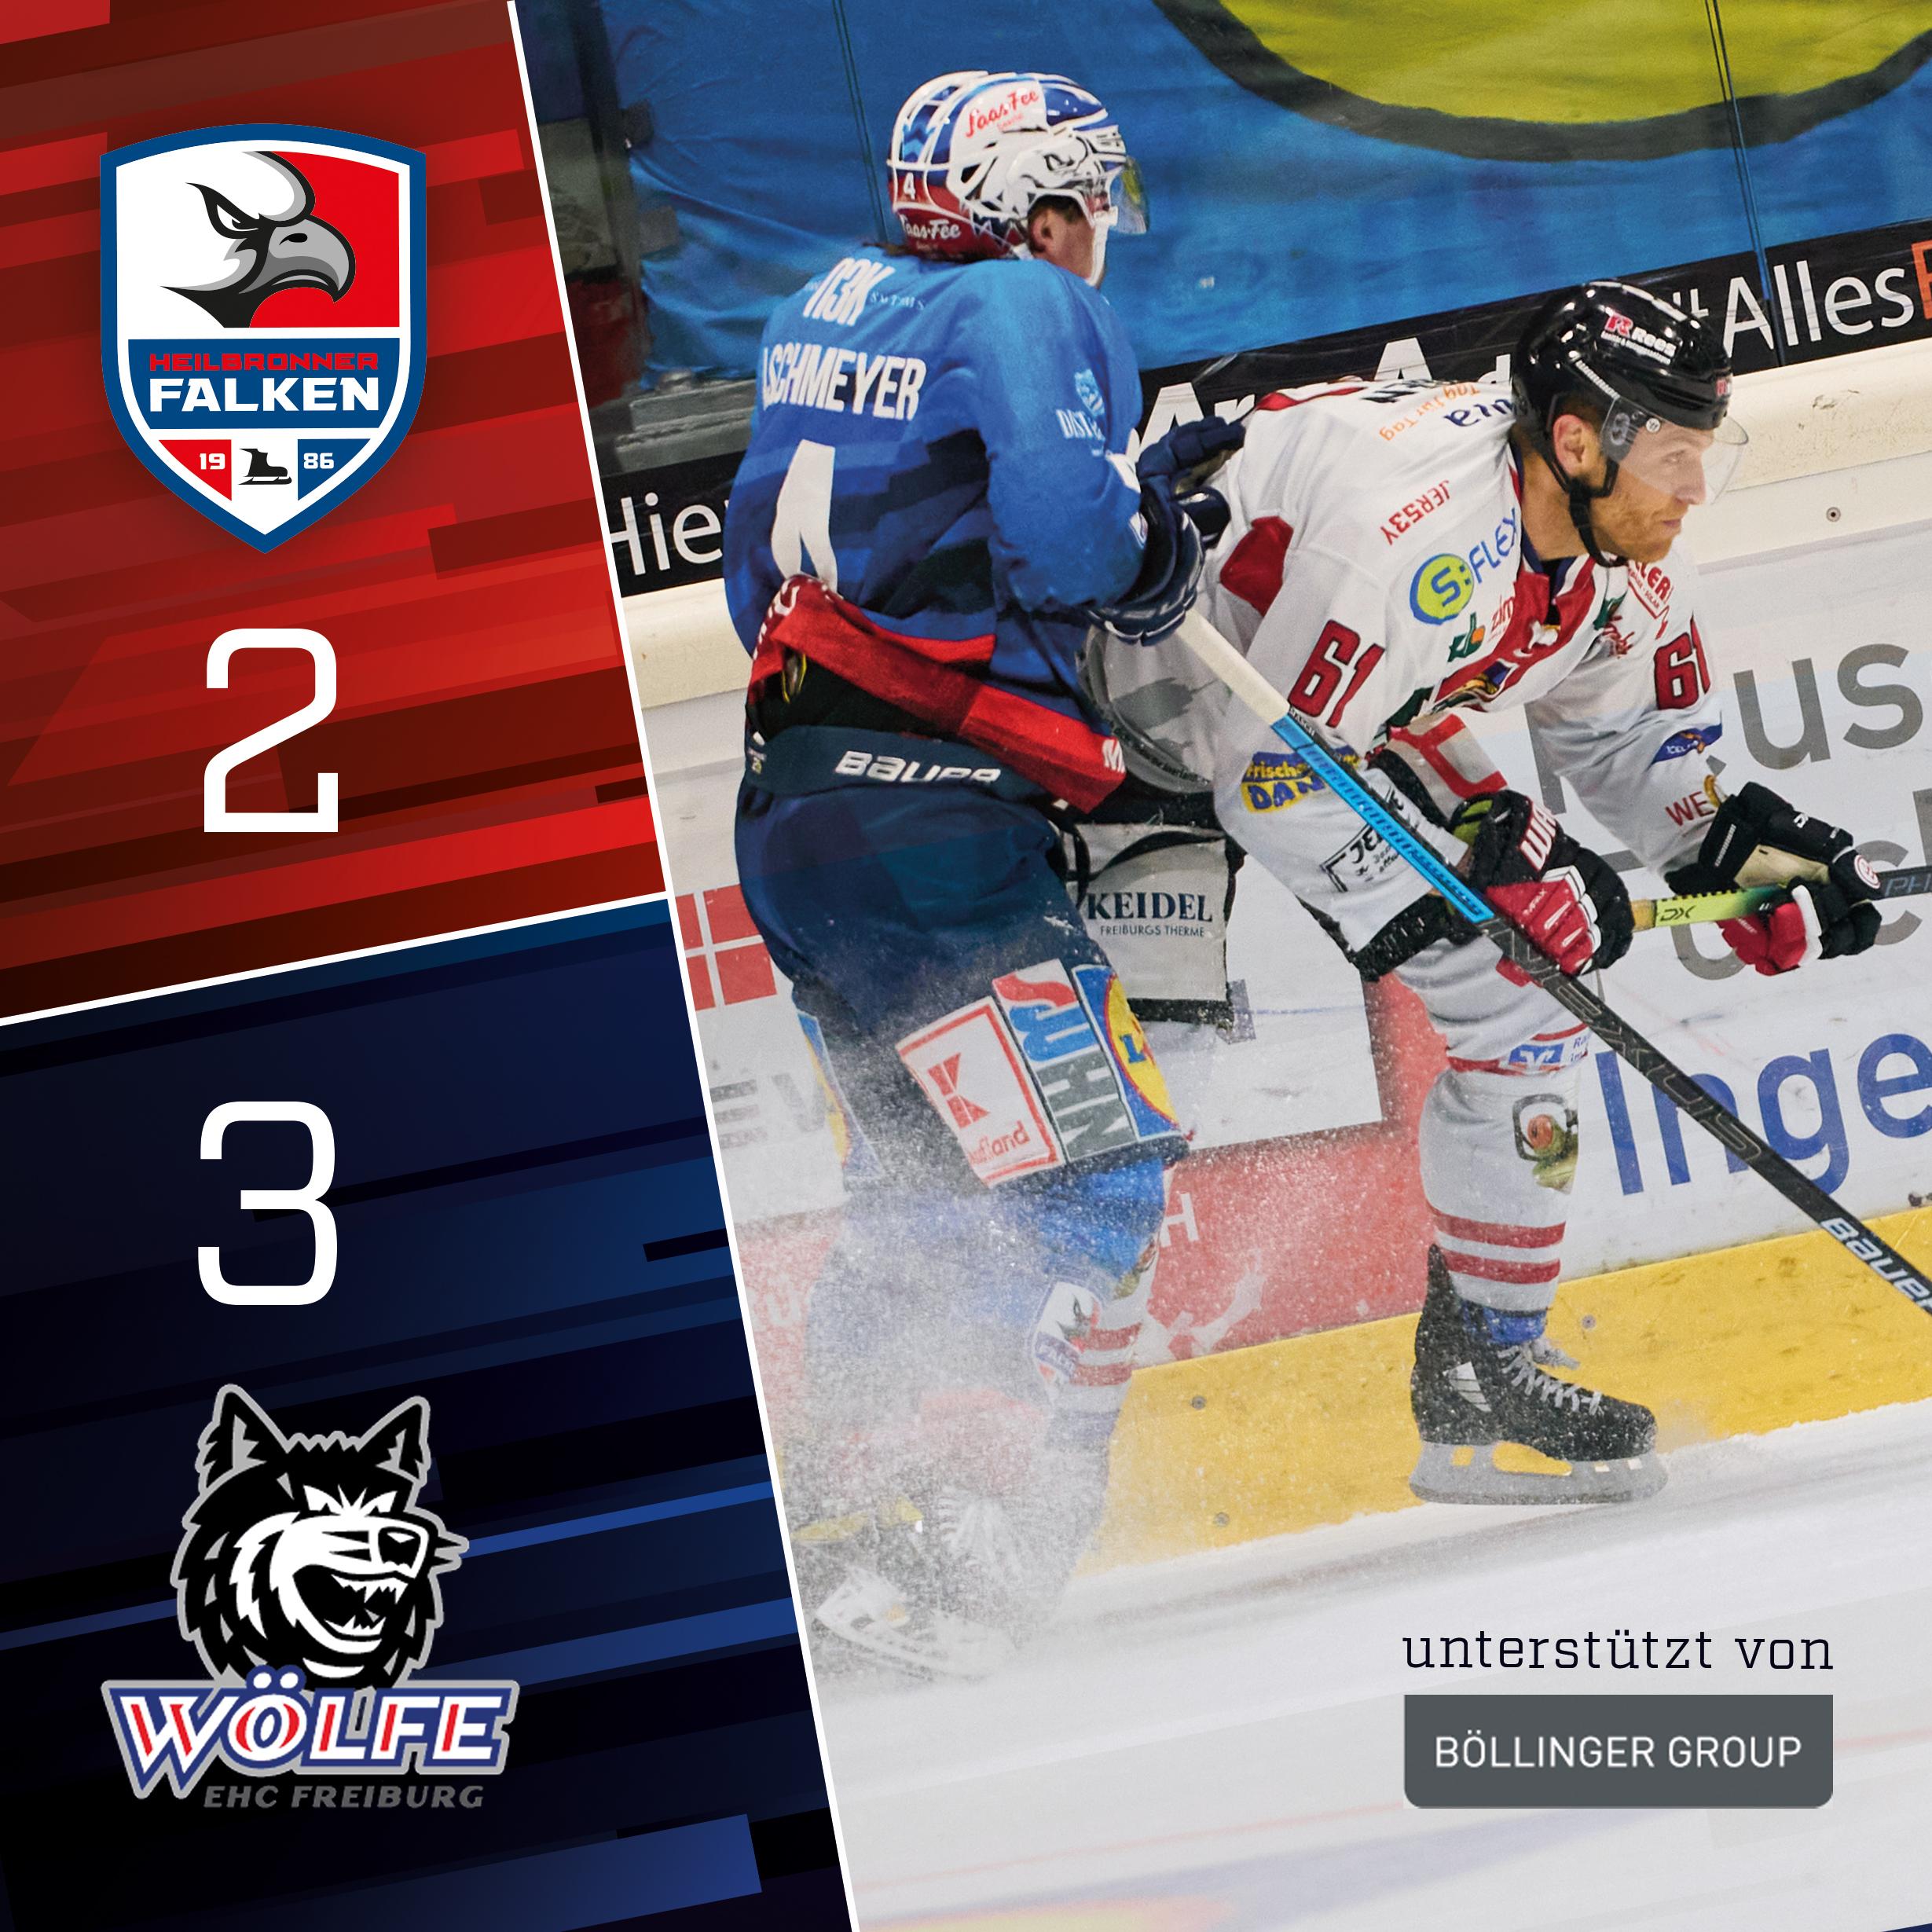 Punktgewinn gegen die Wölfe Freiburg